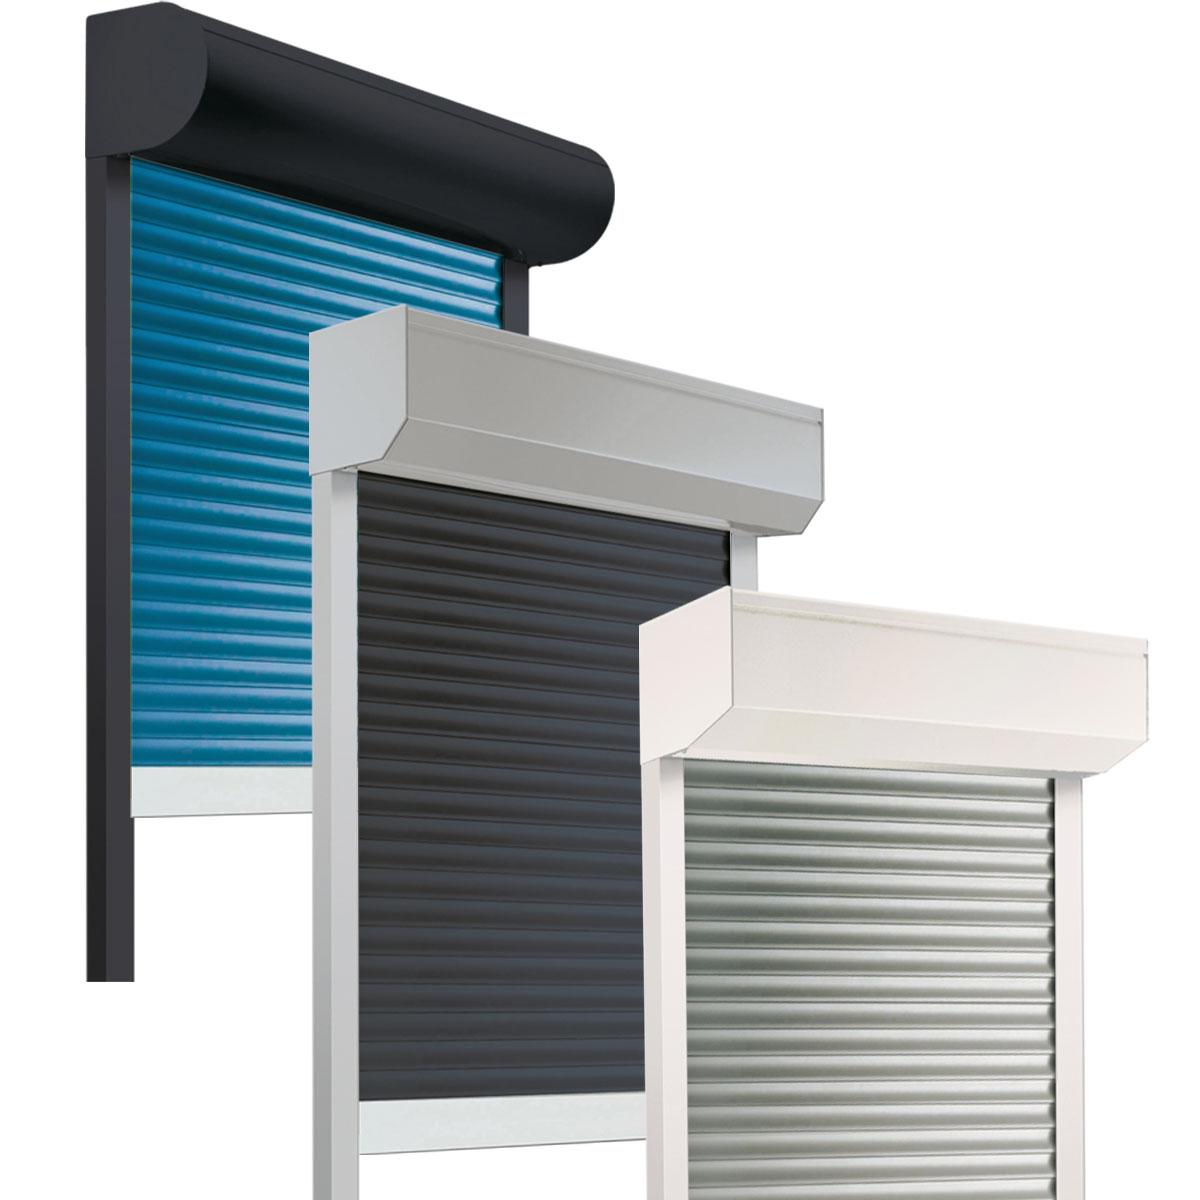 Rollladen Konfigurator - Vorbaurollladen Nach Maß | Schellenberg-Shop